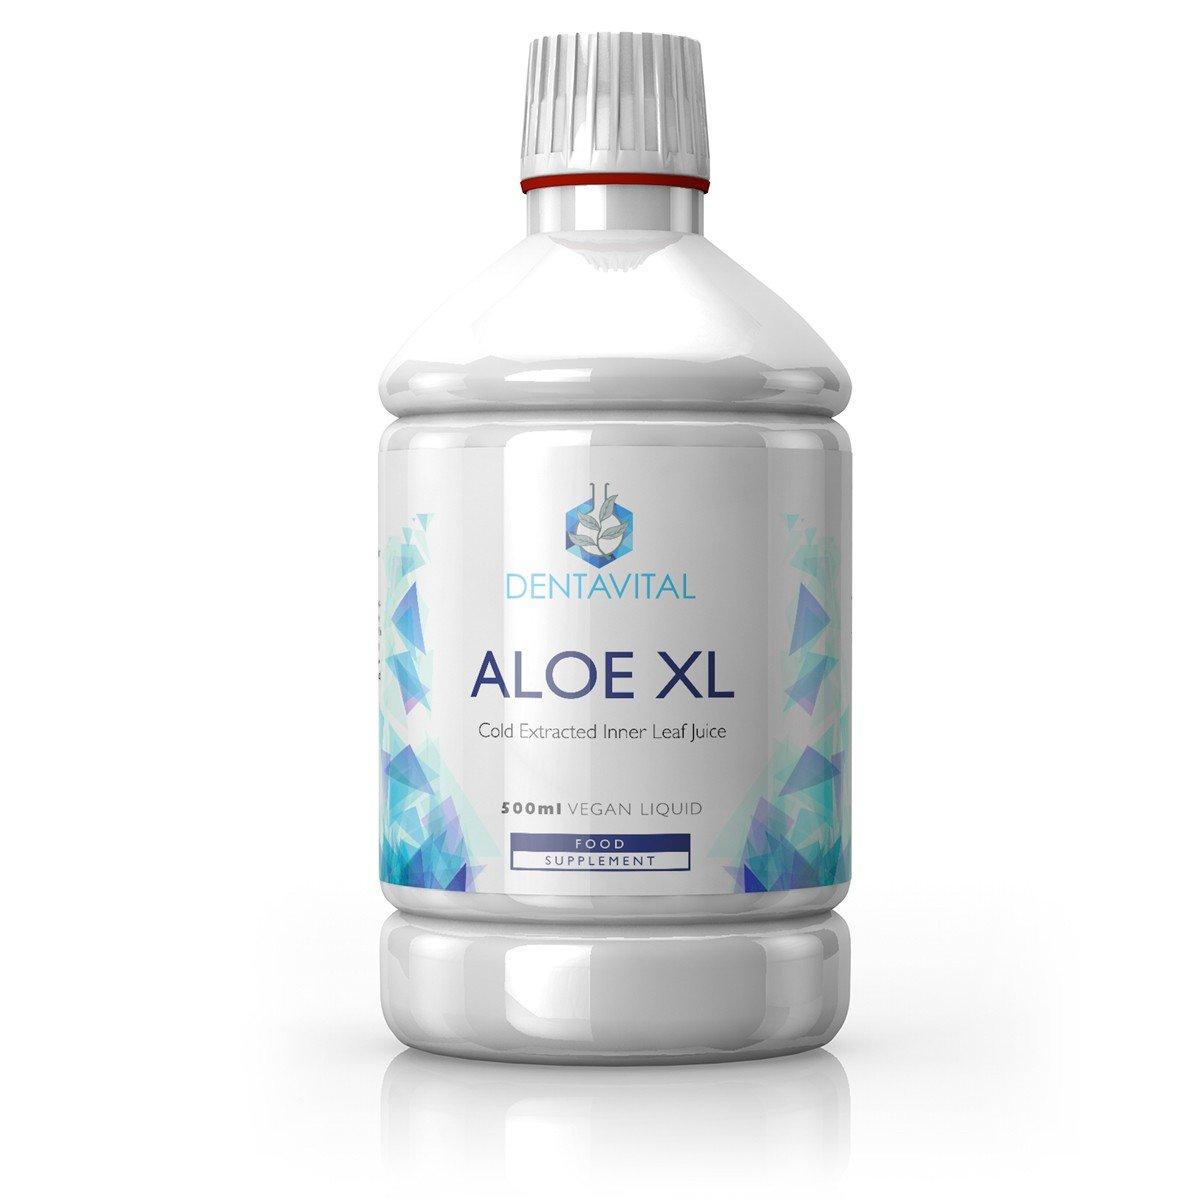 Dentavital Aloe XL Inner Leaf 500ml